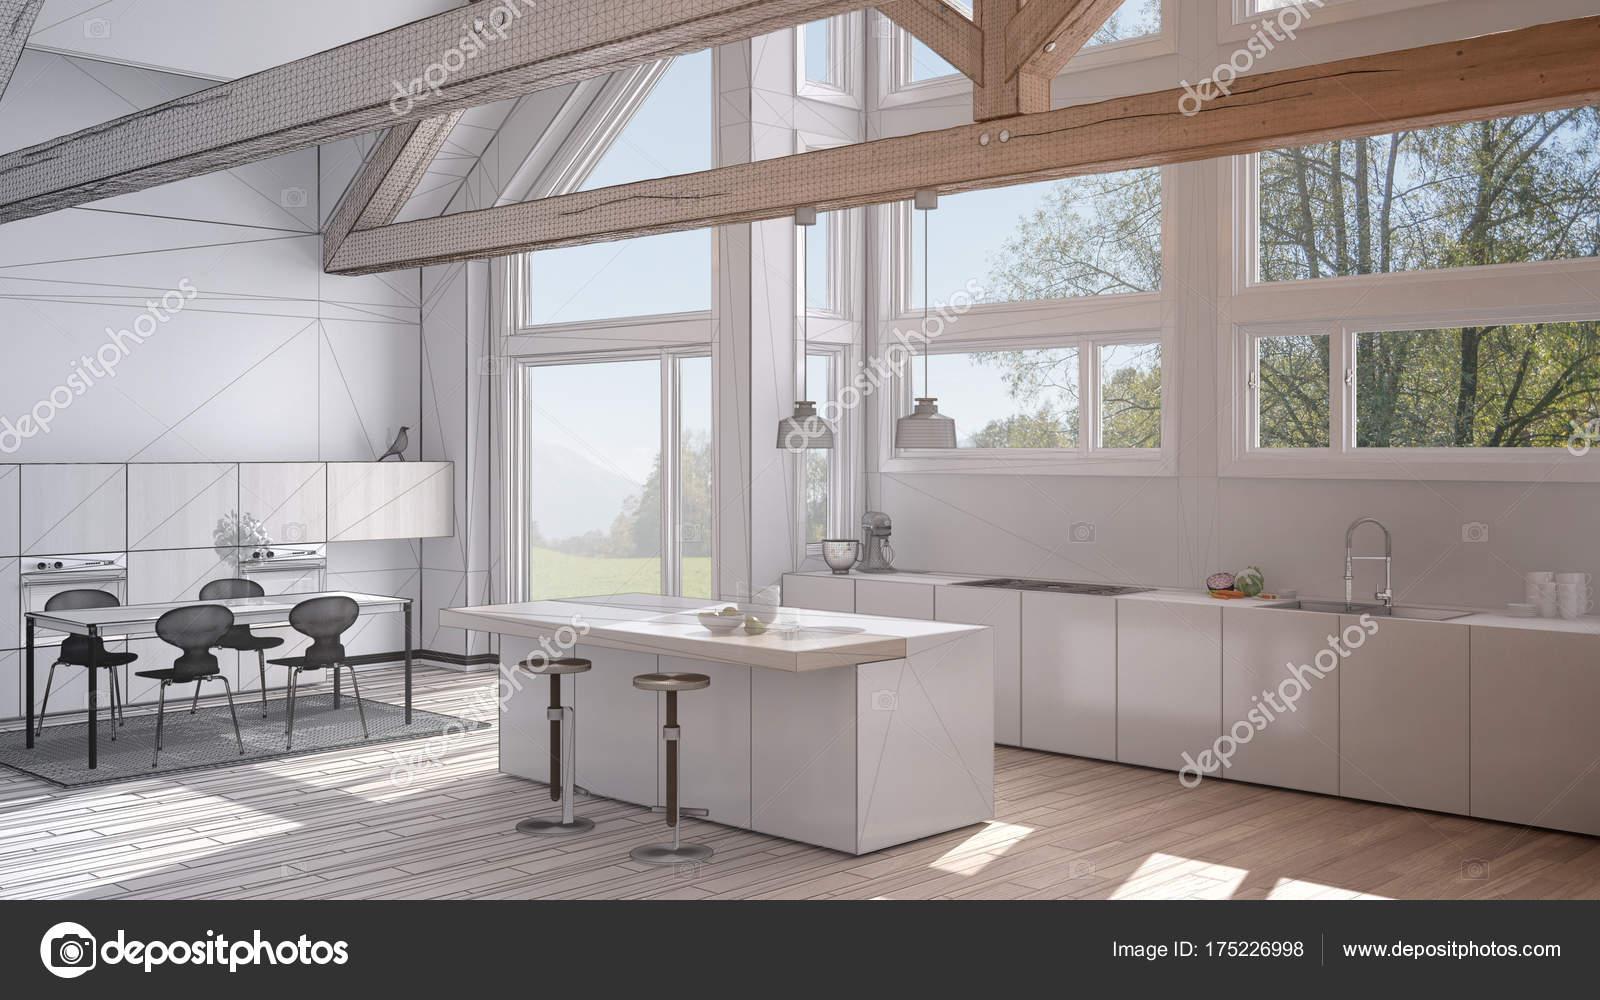 Progetto incompiuto di cucina moderna in classica villa, loft ...